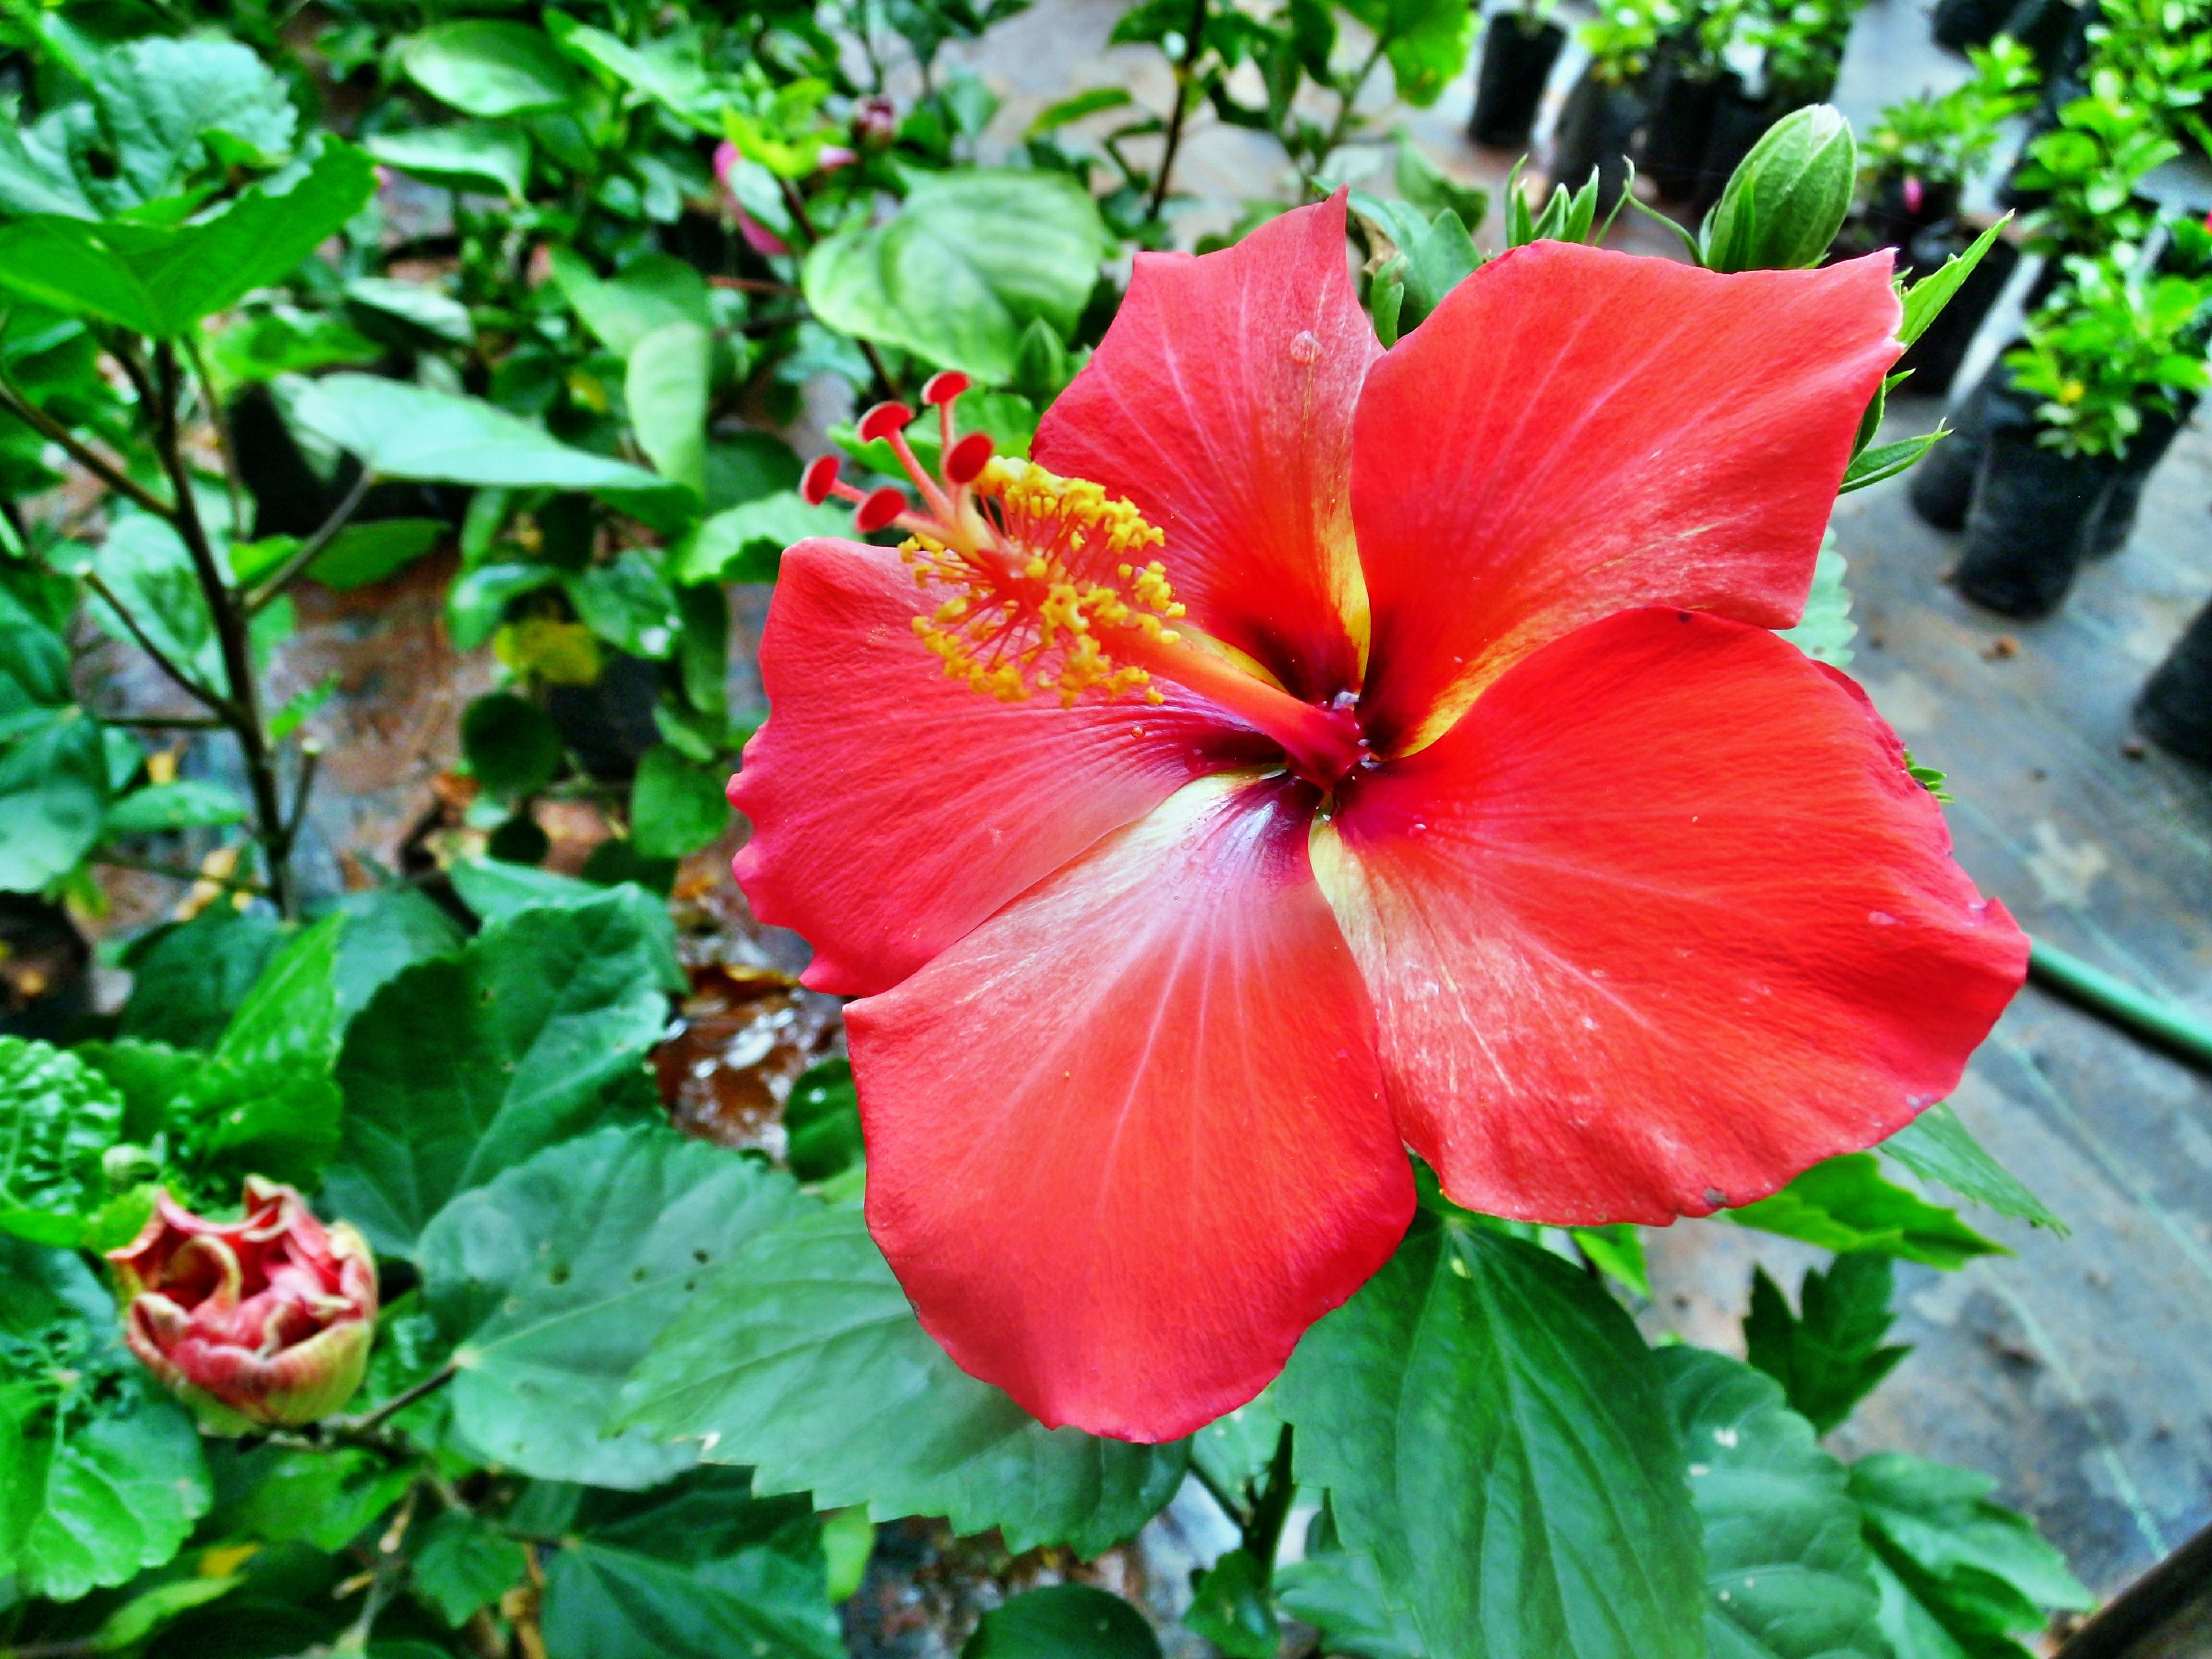 images gratuites : la nature, fleur, feuille, pétale, floraison